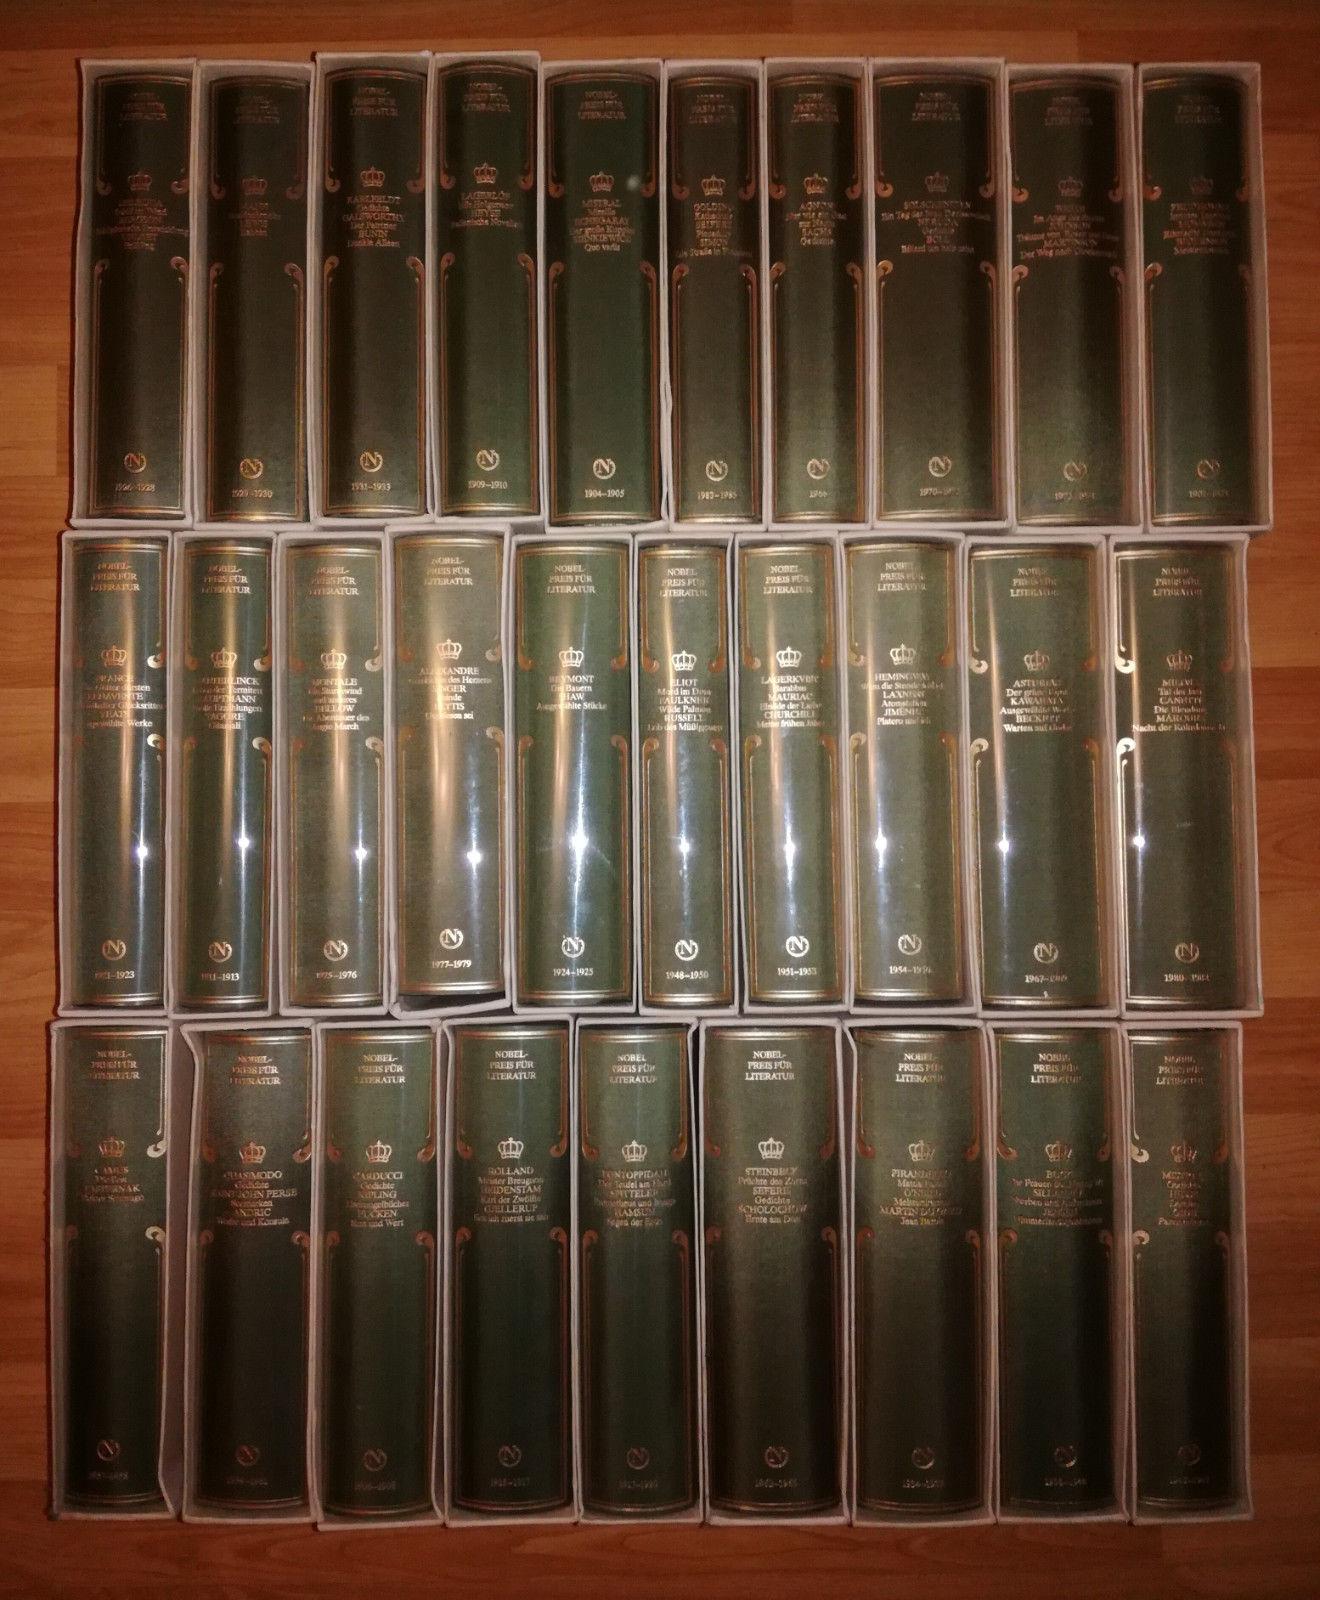 Sammlung, Reihe Nobelpreis für Literatur, Coron, 1904 bis 1985, 29 Bände